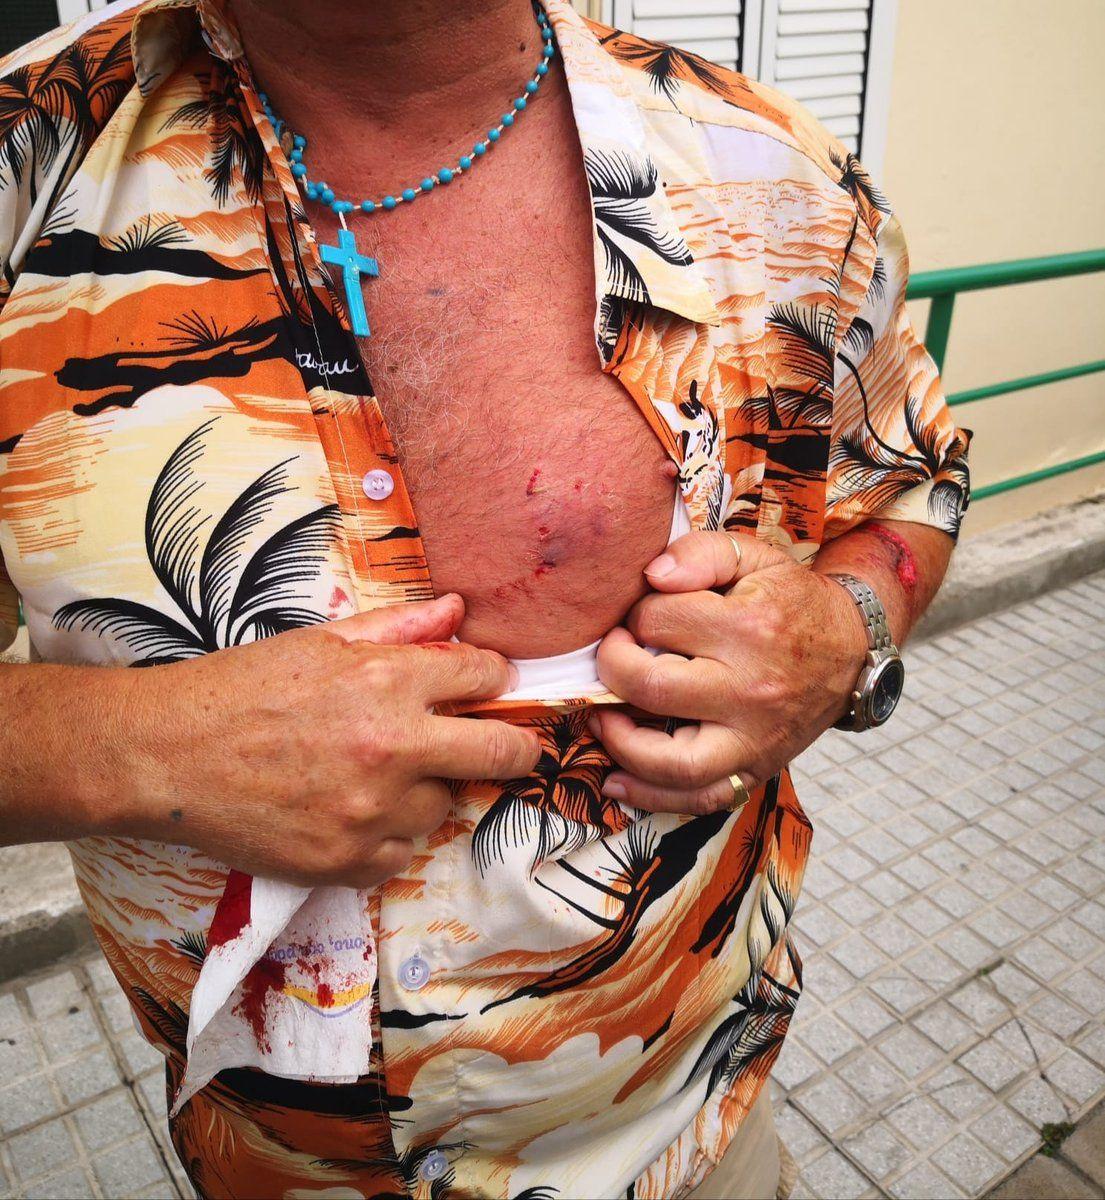 Un perro ataca a un hombre en Las Palmas de Gran Canaria